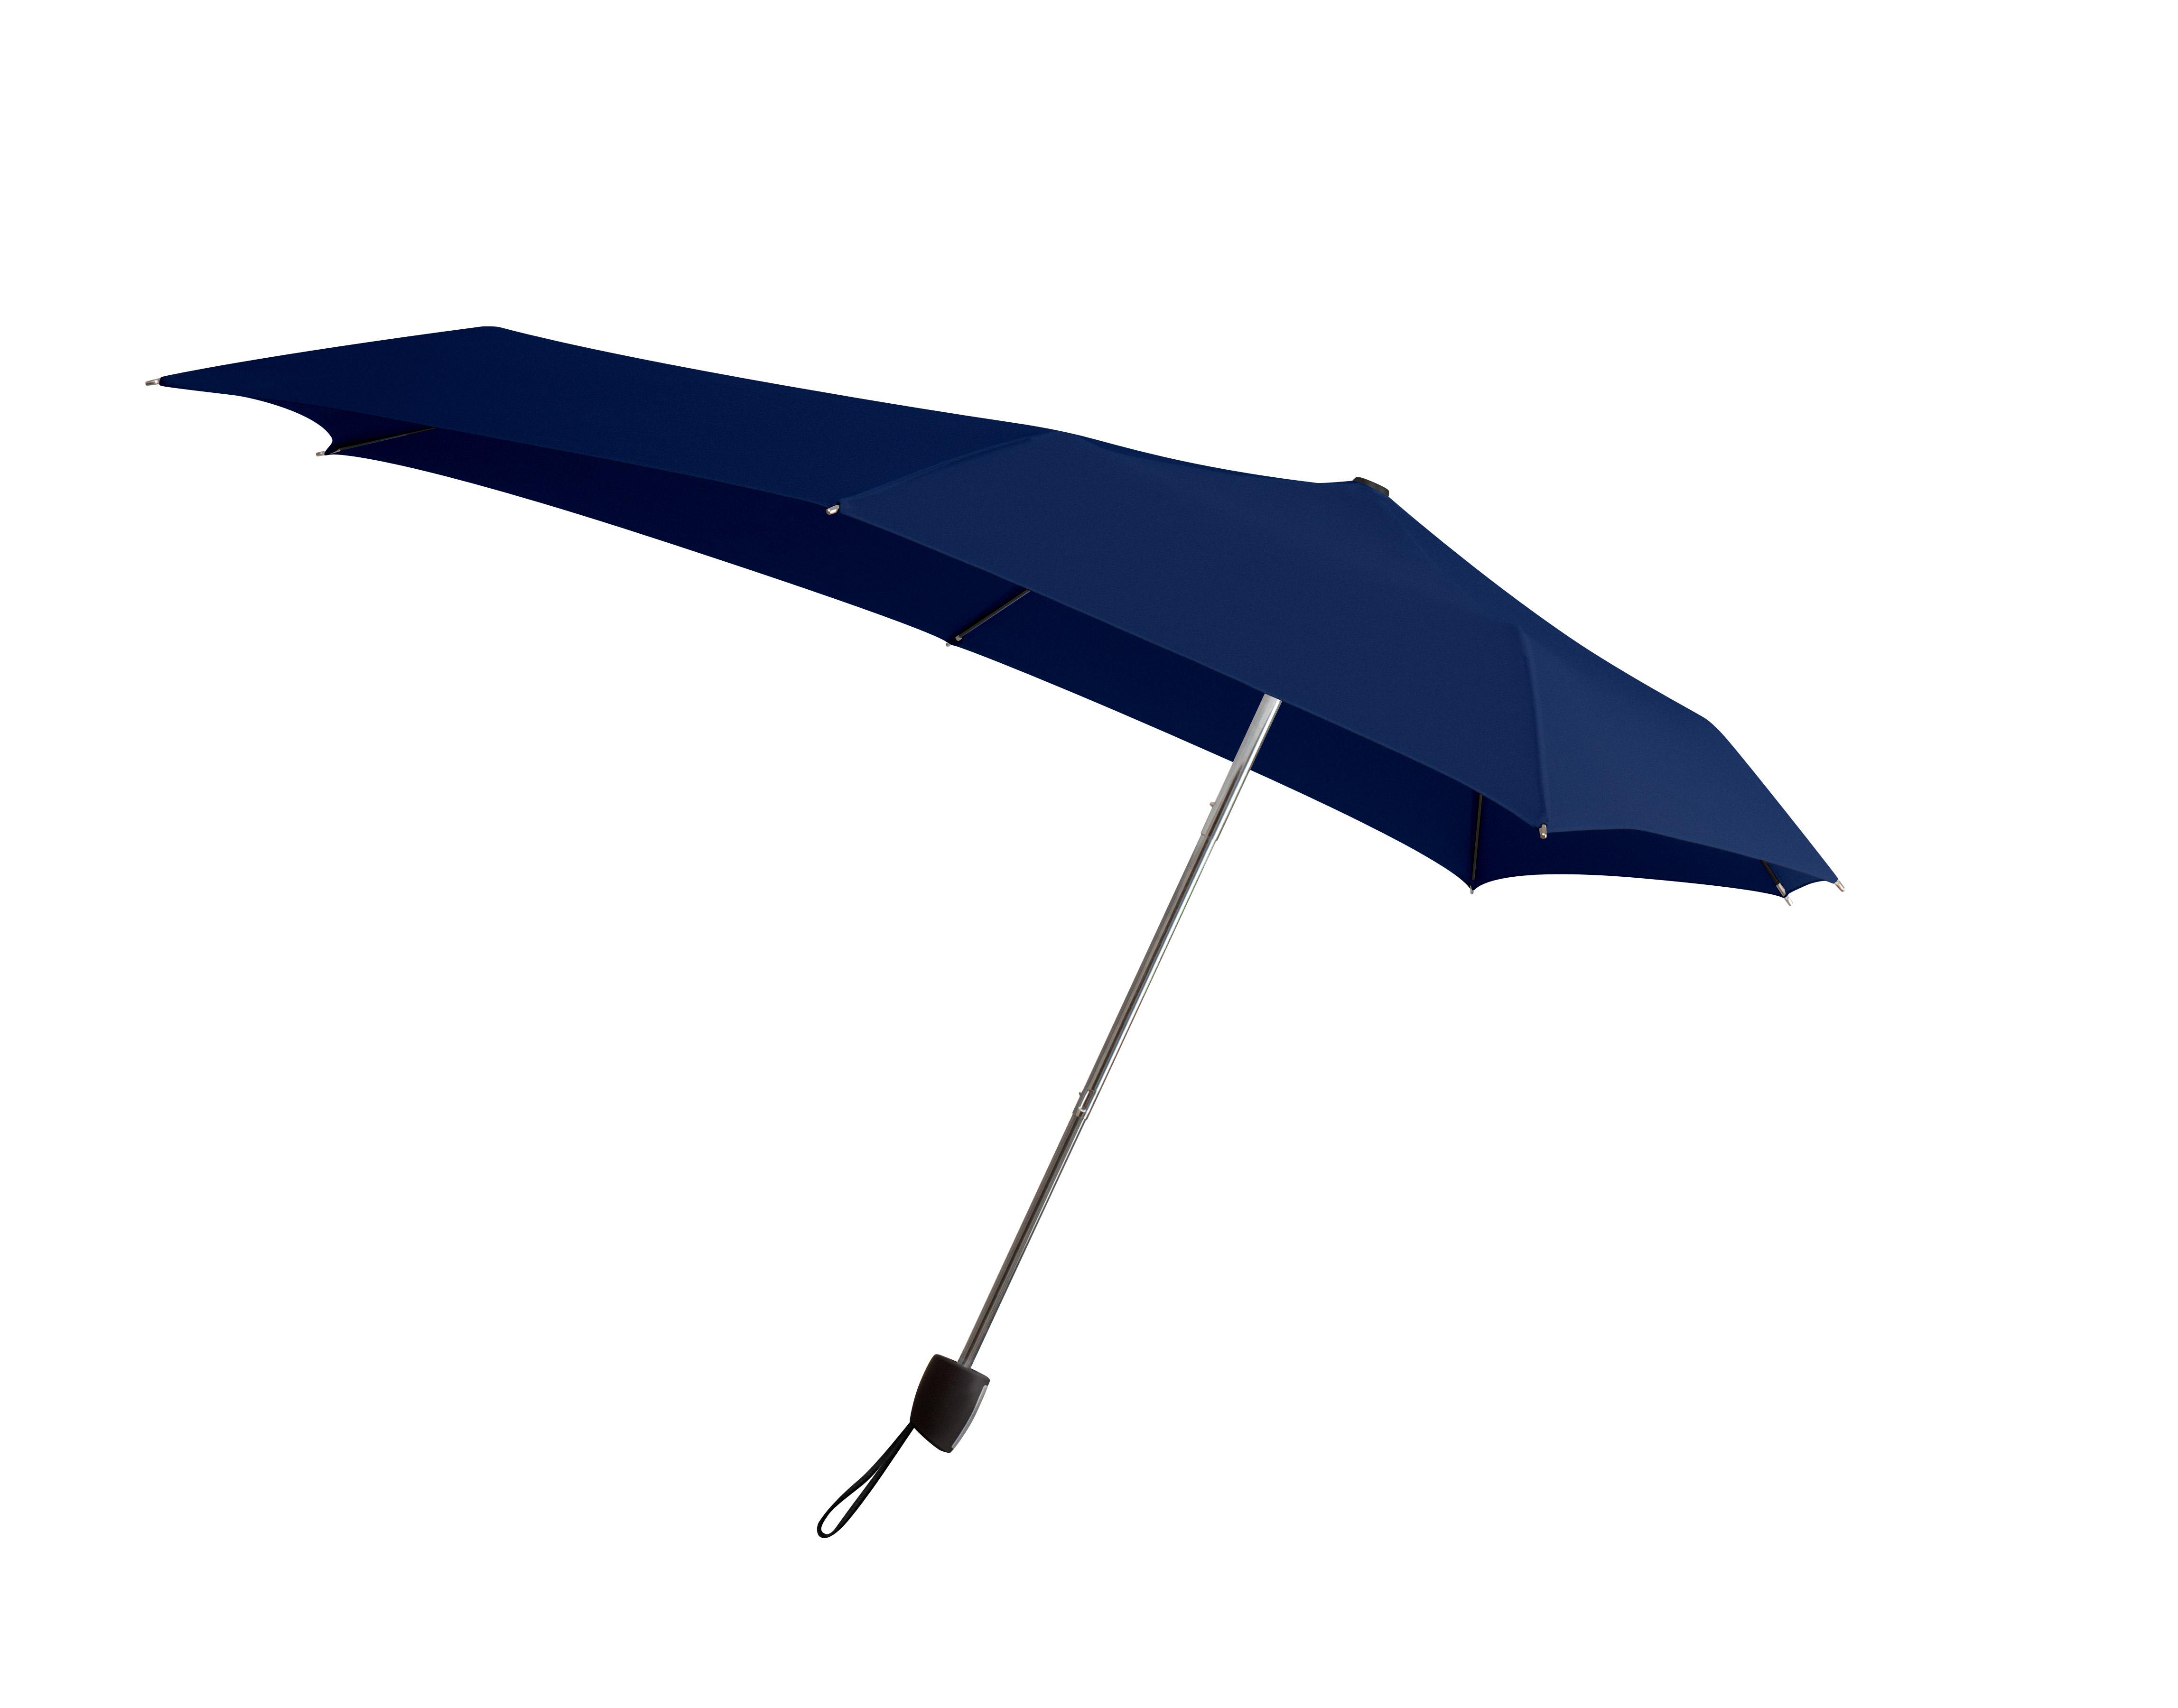 Зонт Senz, цвет: синий. 11110211111021Вместо покупки нескольких дешевых зонтиков, которые легко ломаются, лучше преобрести надежный и качественный зонт от Senz. Инновационные противоштормовые зонты выдерживают любую непогоду. Форма купола продумана так, что вы легко найдете самое удобное положение на ветру – без паники и без борьбы со стихией. Закрывает спину от дождя. Благодаря своей усовершенствованной конструкции, зонт не выворачивается наизнанку даже при сильном ветре. Это улучшенная модель компактного противоштормового зонта Smart. Выдерживает порывы ветра до 60 км/ч. Характеристики: - тип — механический - три сложения - выдерживает порывы ветра до 60 км/ч - УФ-защита 50+ - удобная ручка с петлей - безопасные колпачки на кончиках спиц - в комплекте чехол - гарантия 2 года Размер купола: 87 х 87 см, длина в сложенном виде - 25,5 см, в раскрытом - 57 см. Весит 290 г.